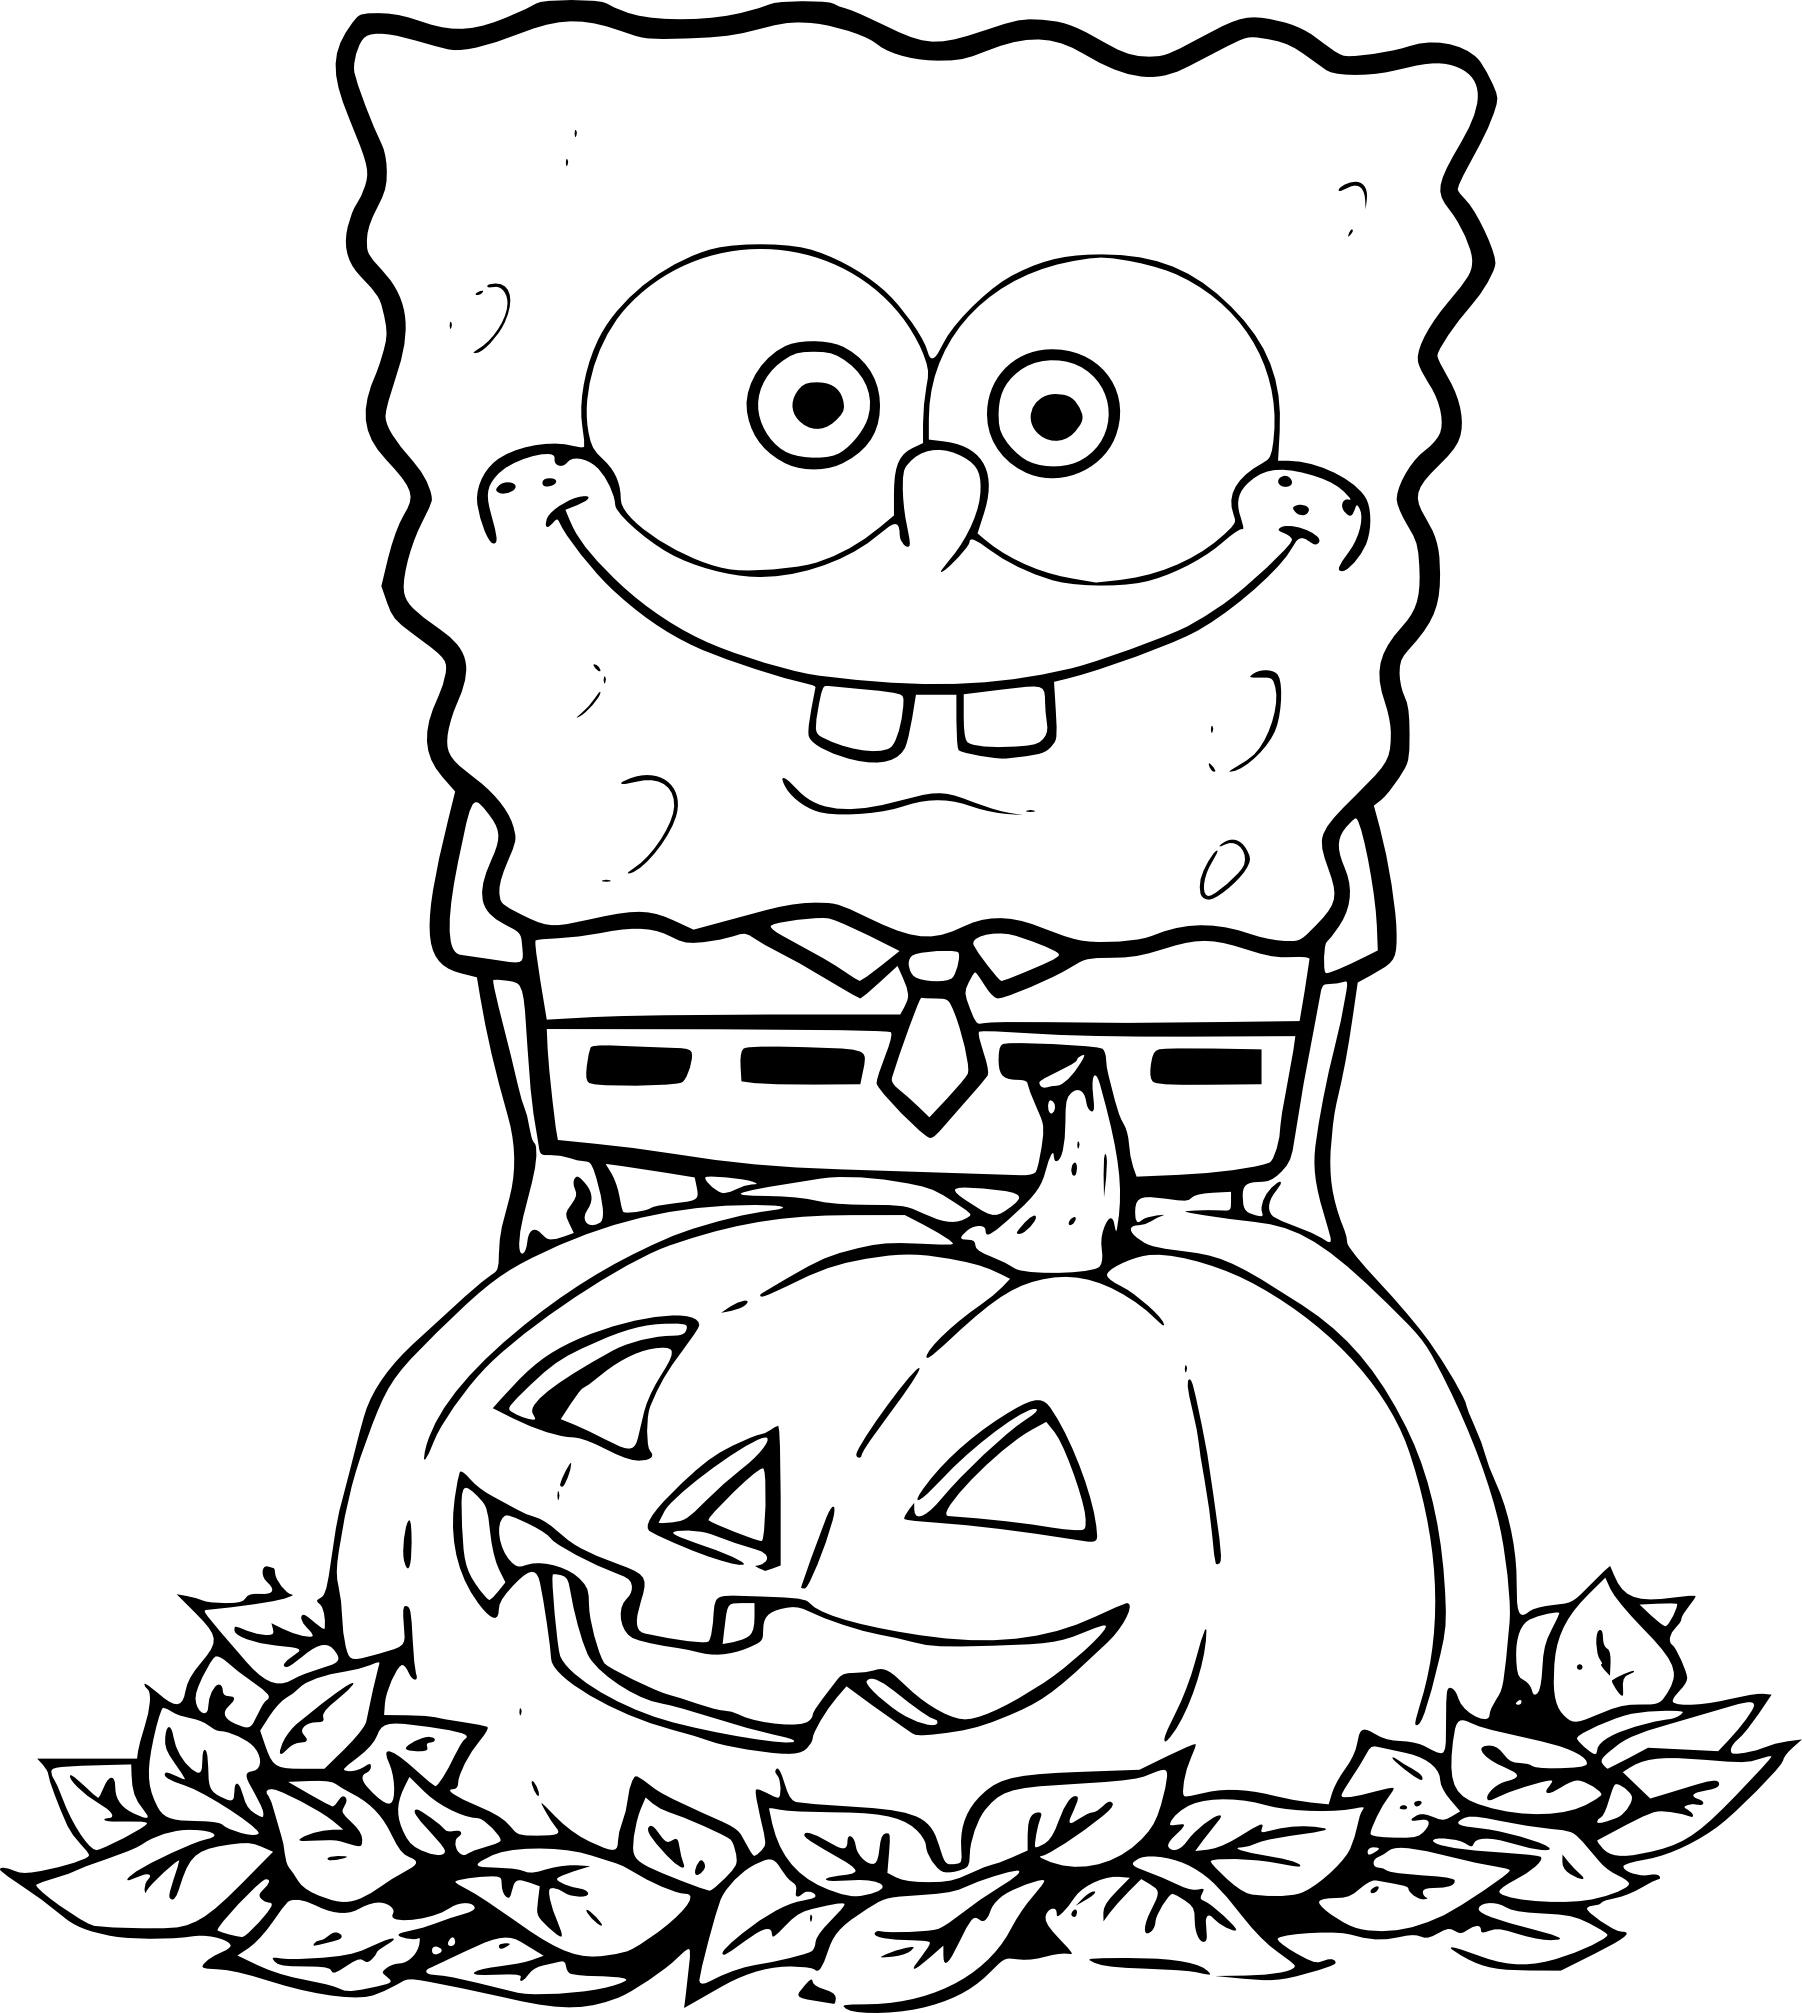 Coloriage Bob L'éponge Halloween À Imprimer tout Image Bob L Éponge A Imprimer